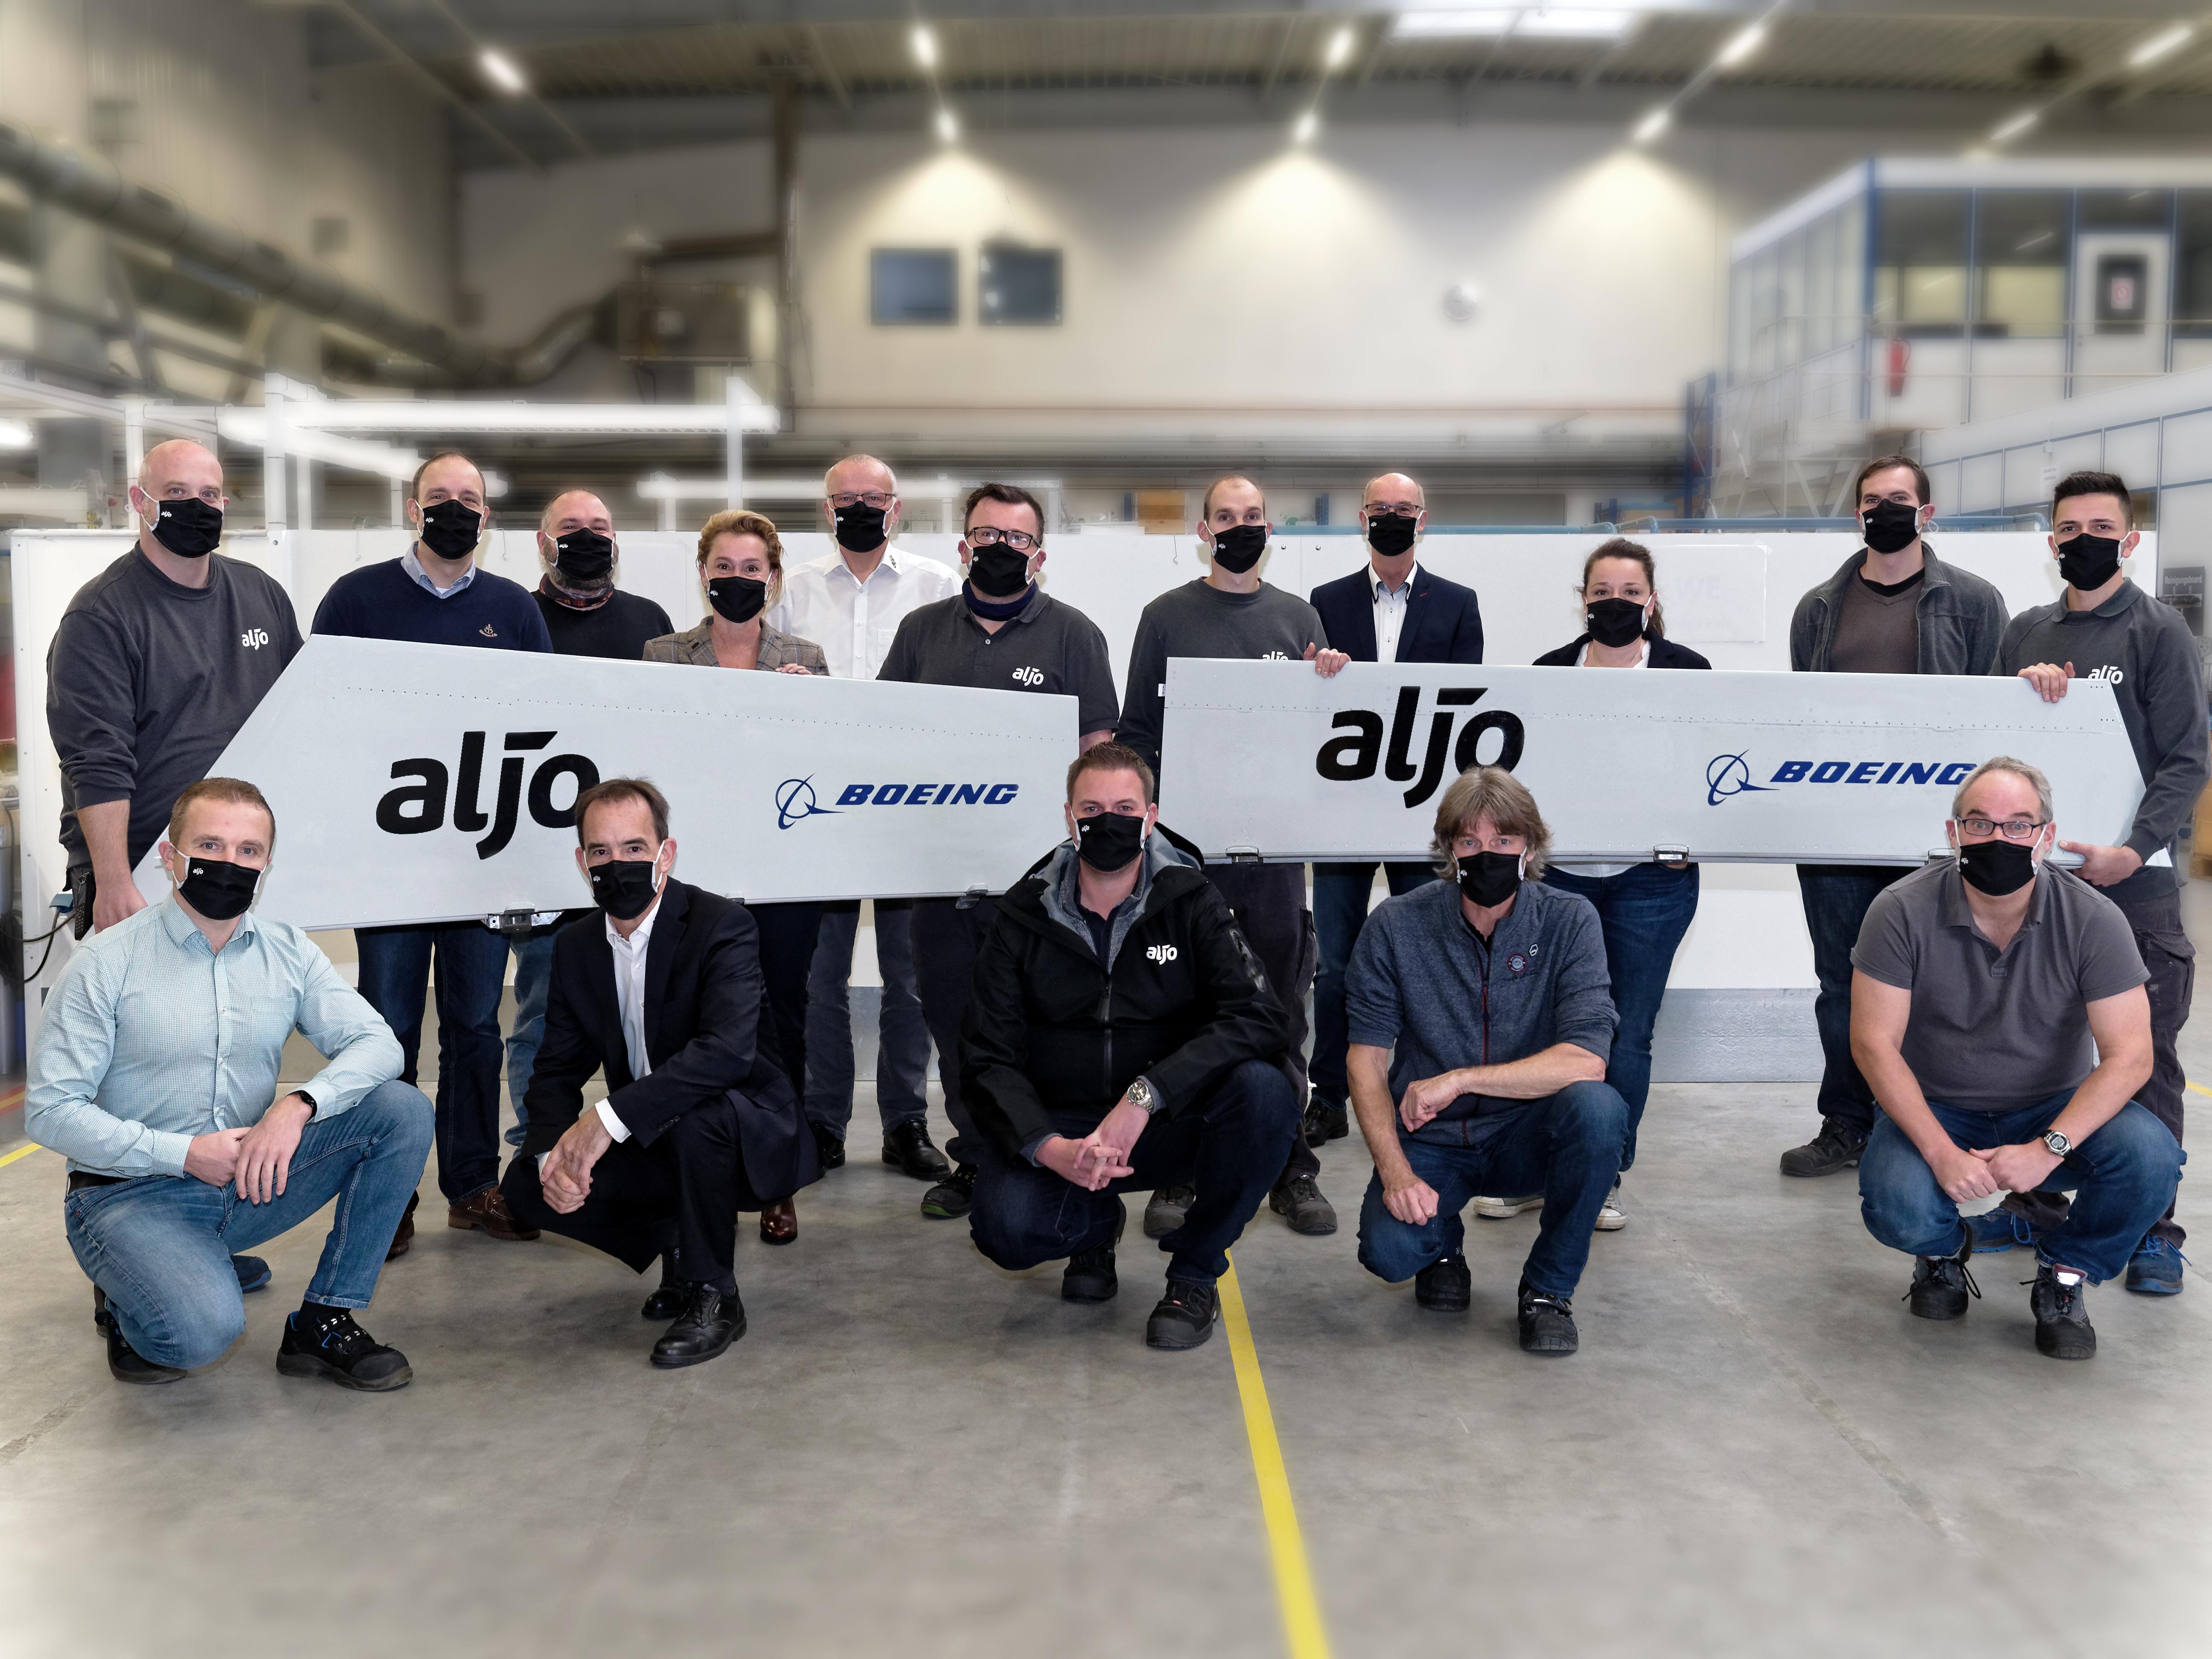 Einige Personen halten zwei Banner mit der Aufschrift: Aljo-Boeing